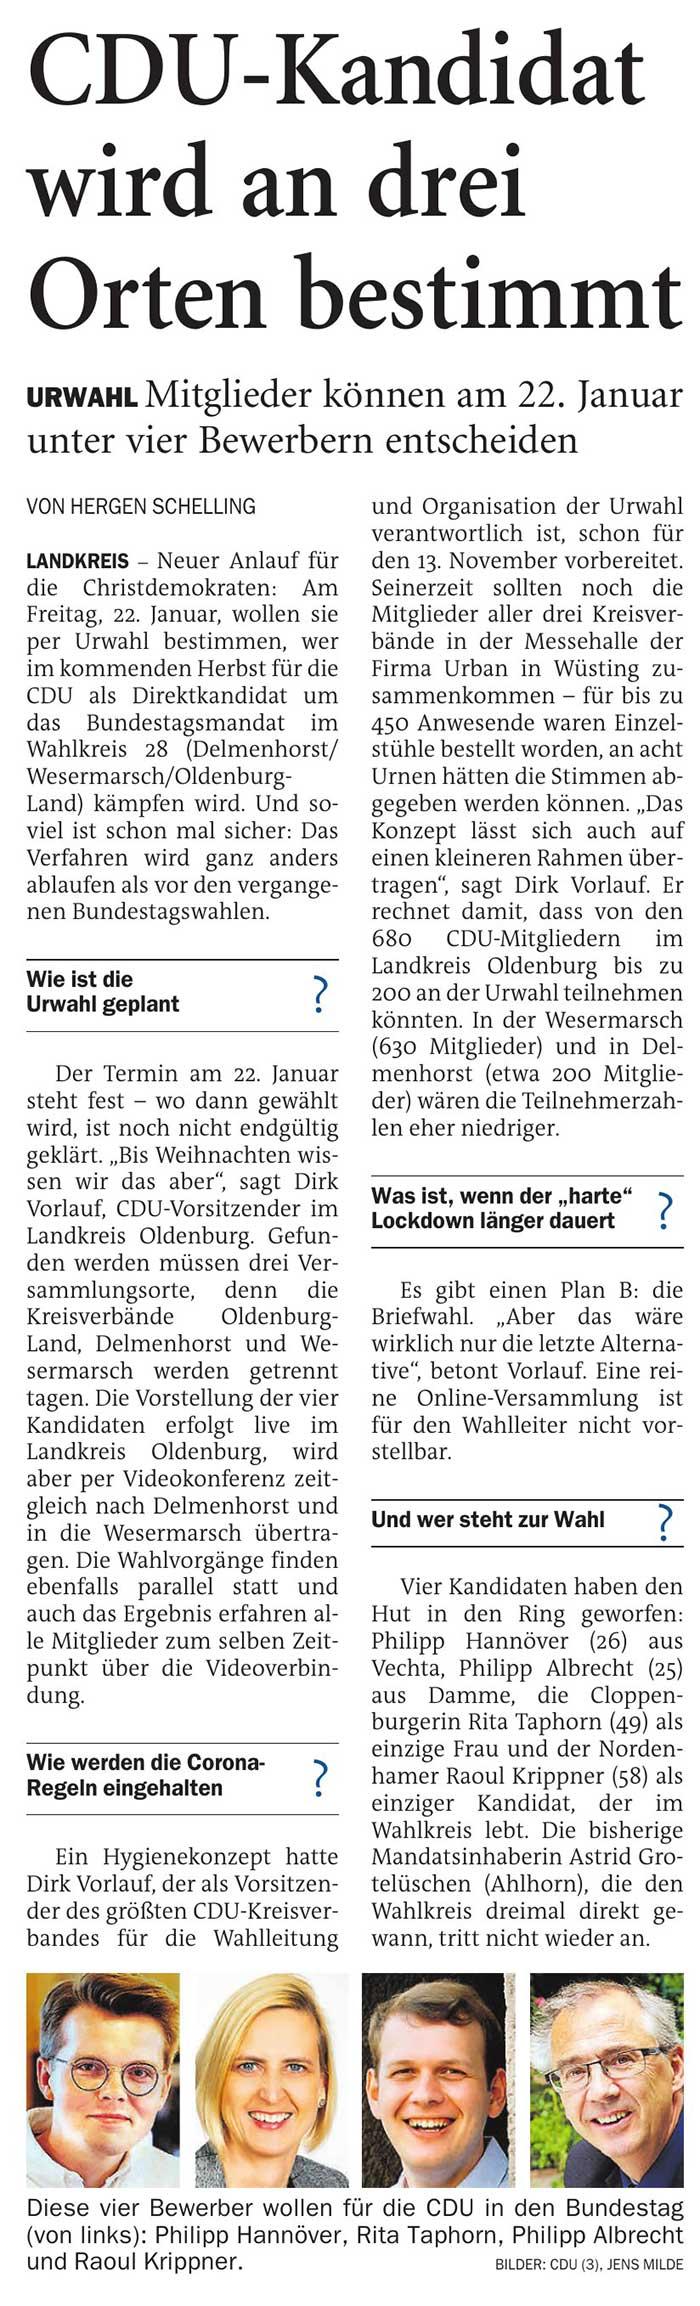 CDU-Kandidat wird an drei Orten bestimmtLandkreis // Urwahl: Mitglieder können am 22. Januar unter vier Bewerbern entscheidenArtikel vom 17.12.2020 (NWZ)